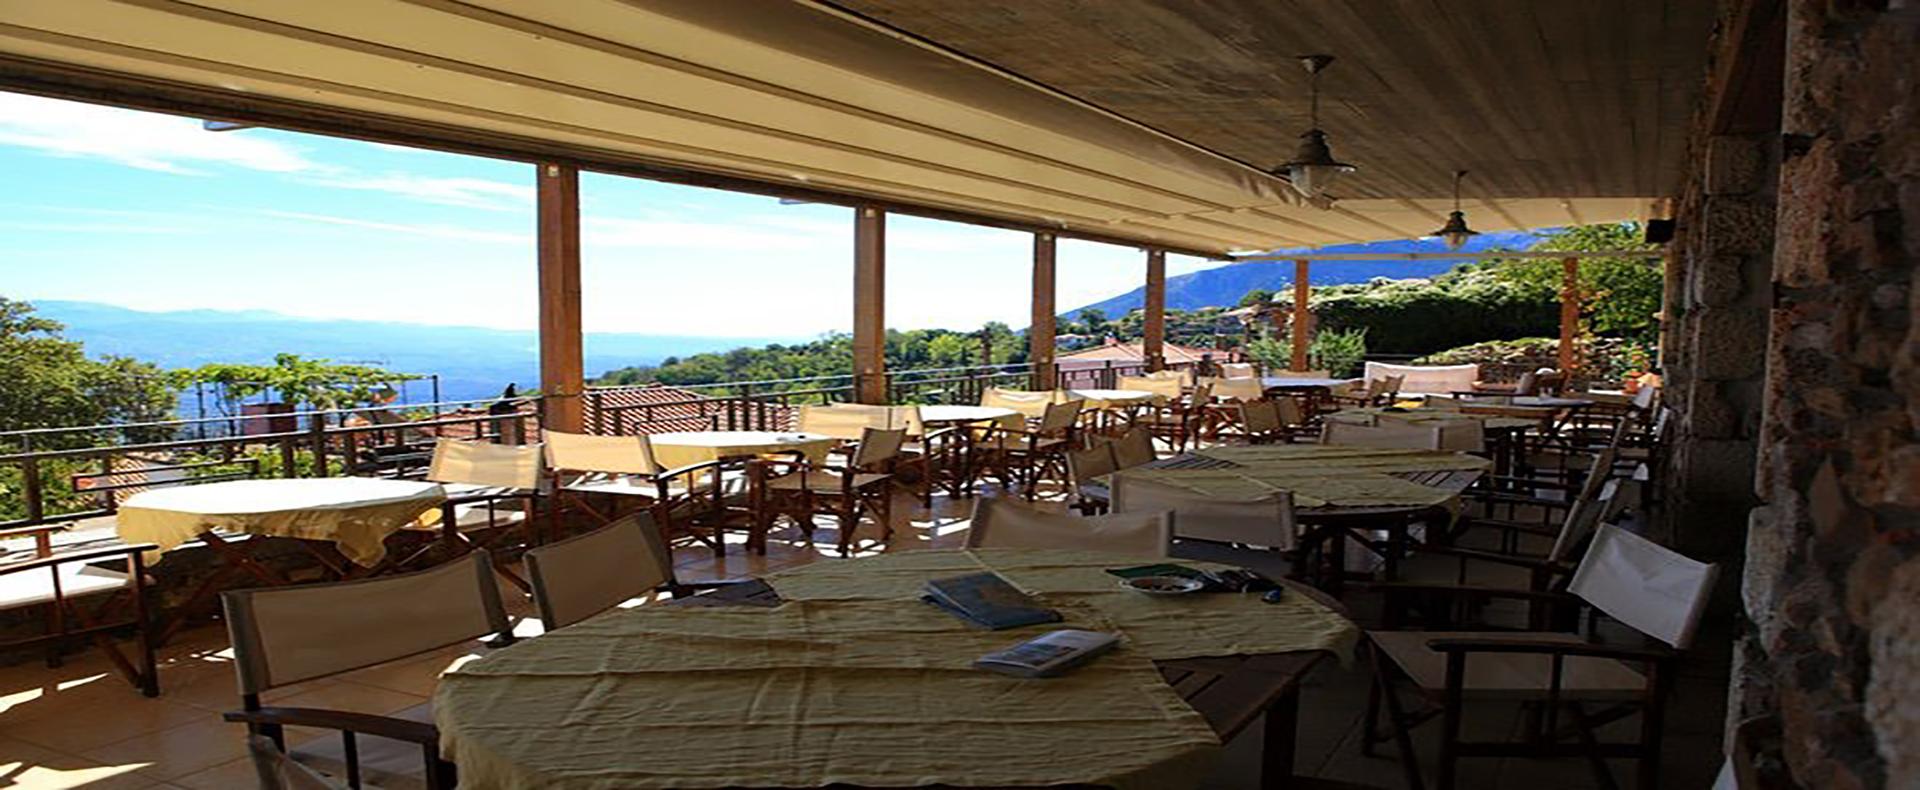 """Ξενοδοχείο """"Το Μπαλκόνι του Ταϋγέτου"""" στο Γεωργίτσι Λακωνίας"""